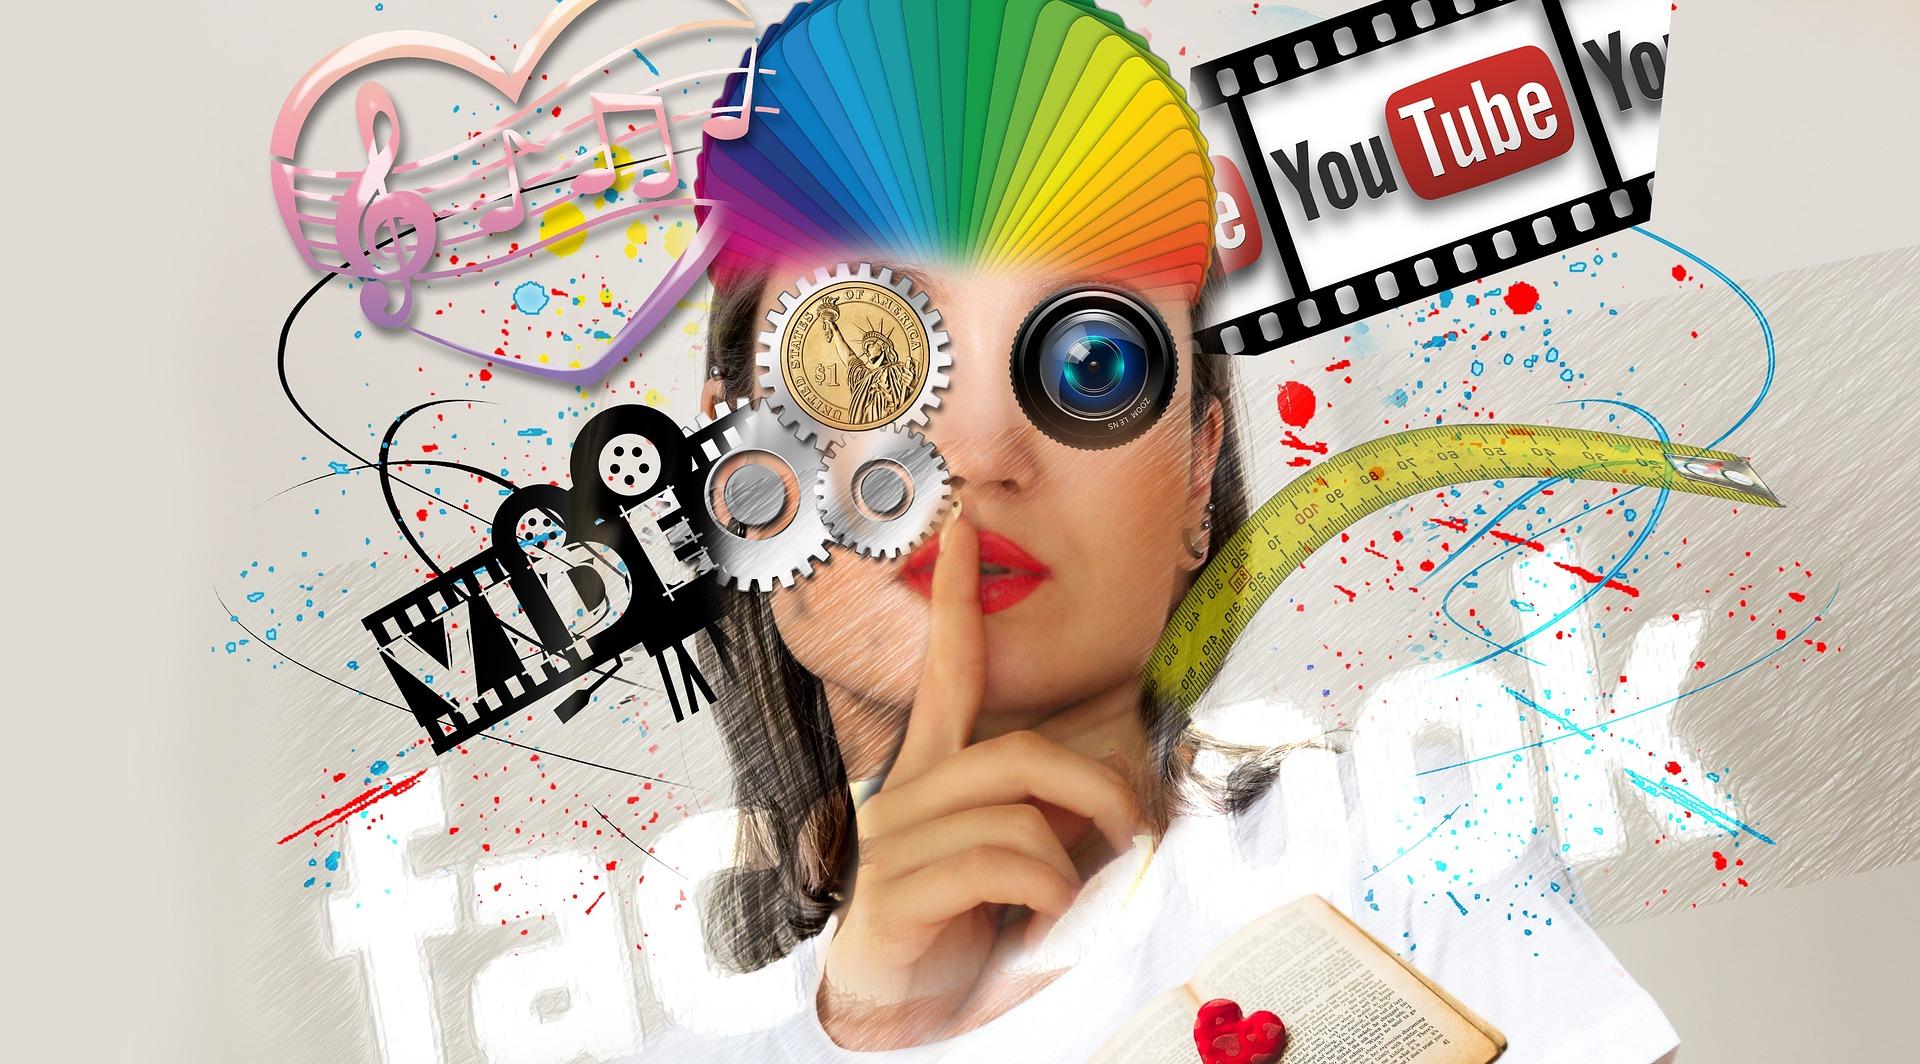 marketing digital como ferramenta de inovação e alavancagem de negócios